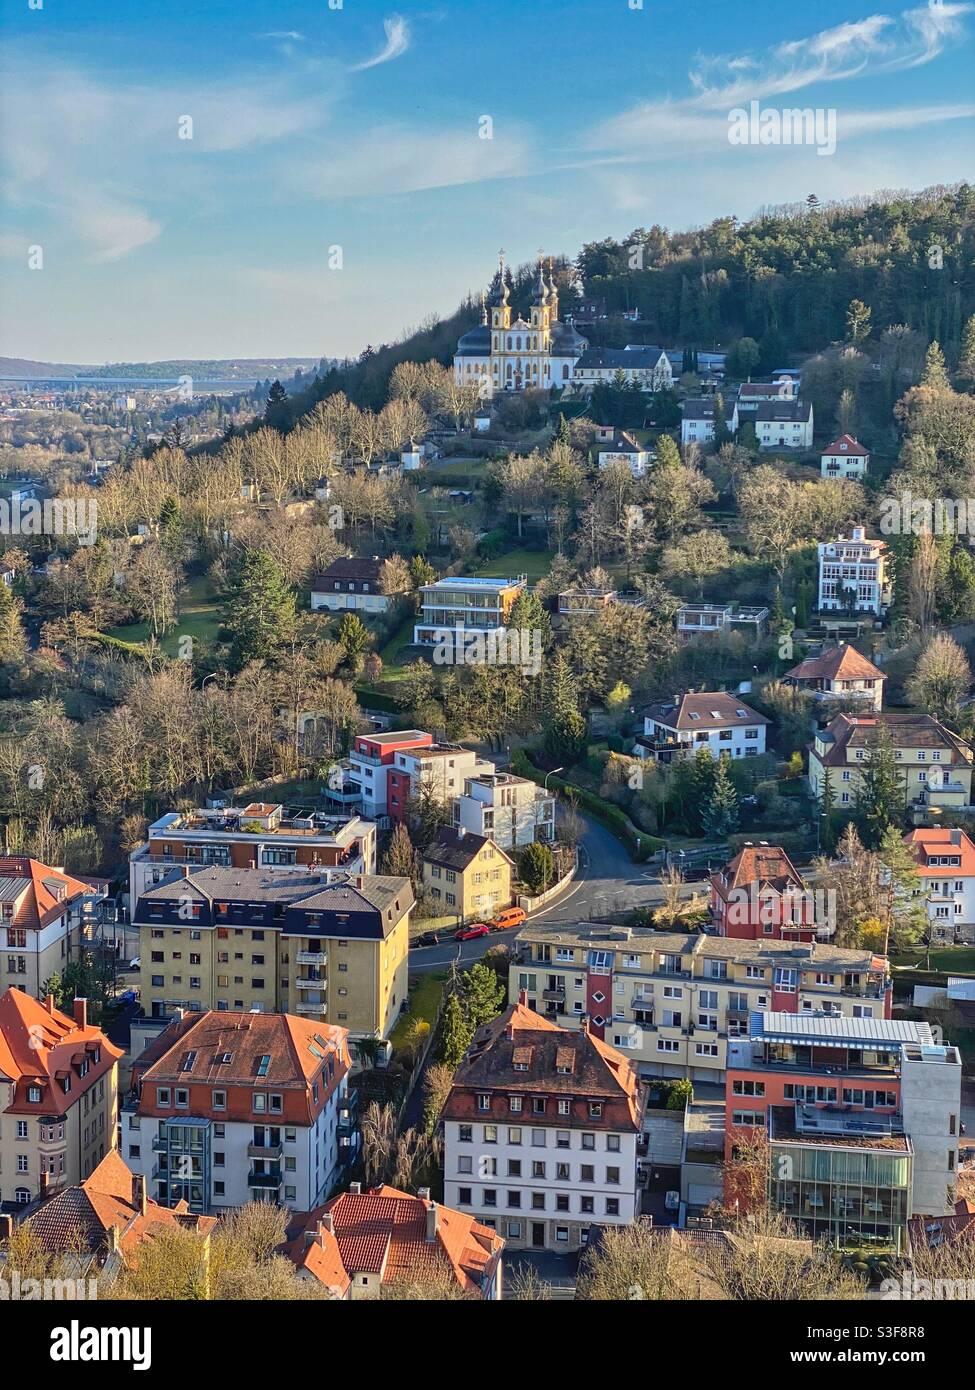 Vista sul quartiere Zellerau e sulla chiesa di Käppele dalla collina di Marienberg a Würzburg, Germania. Foto Stock